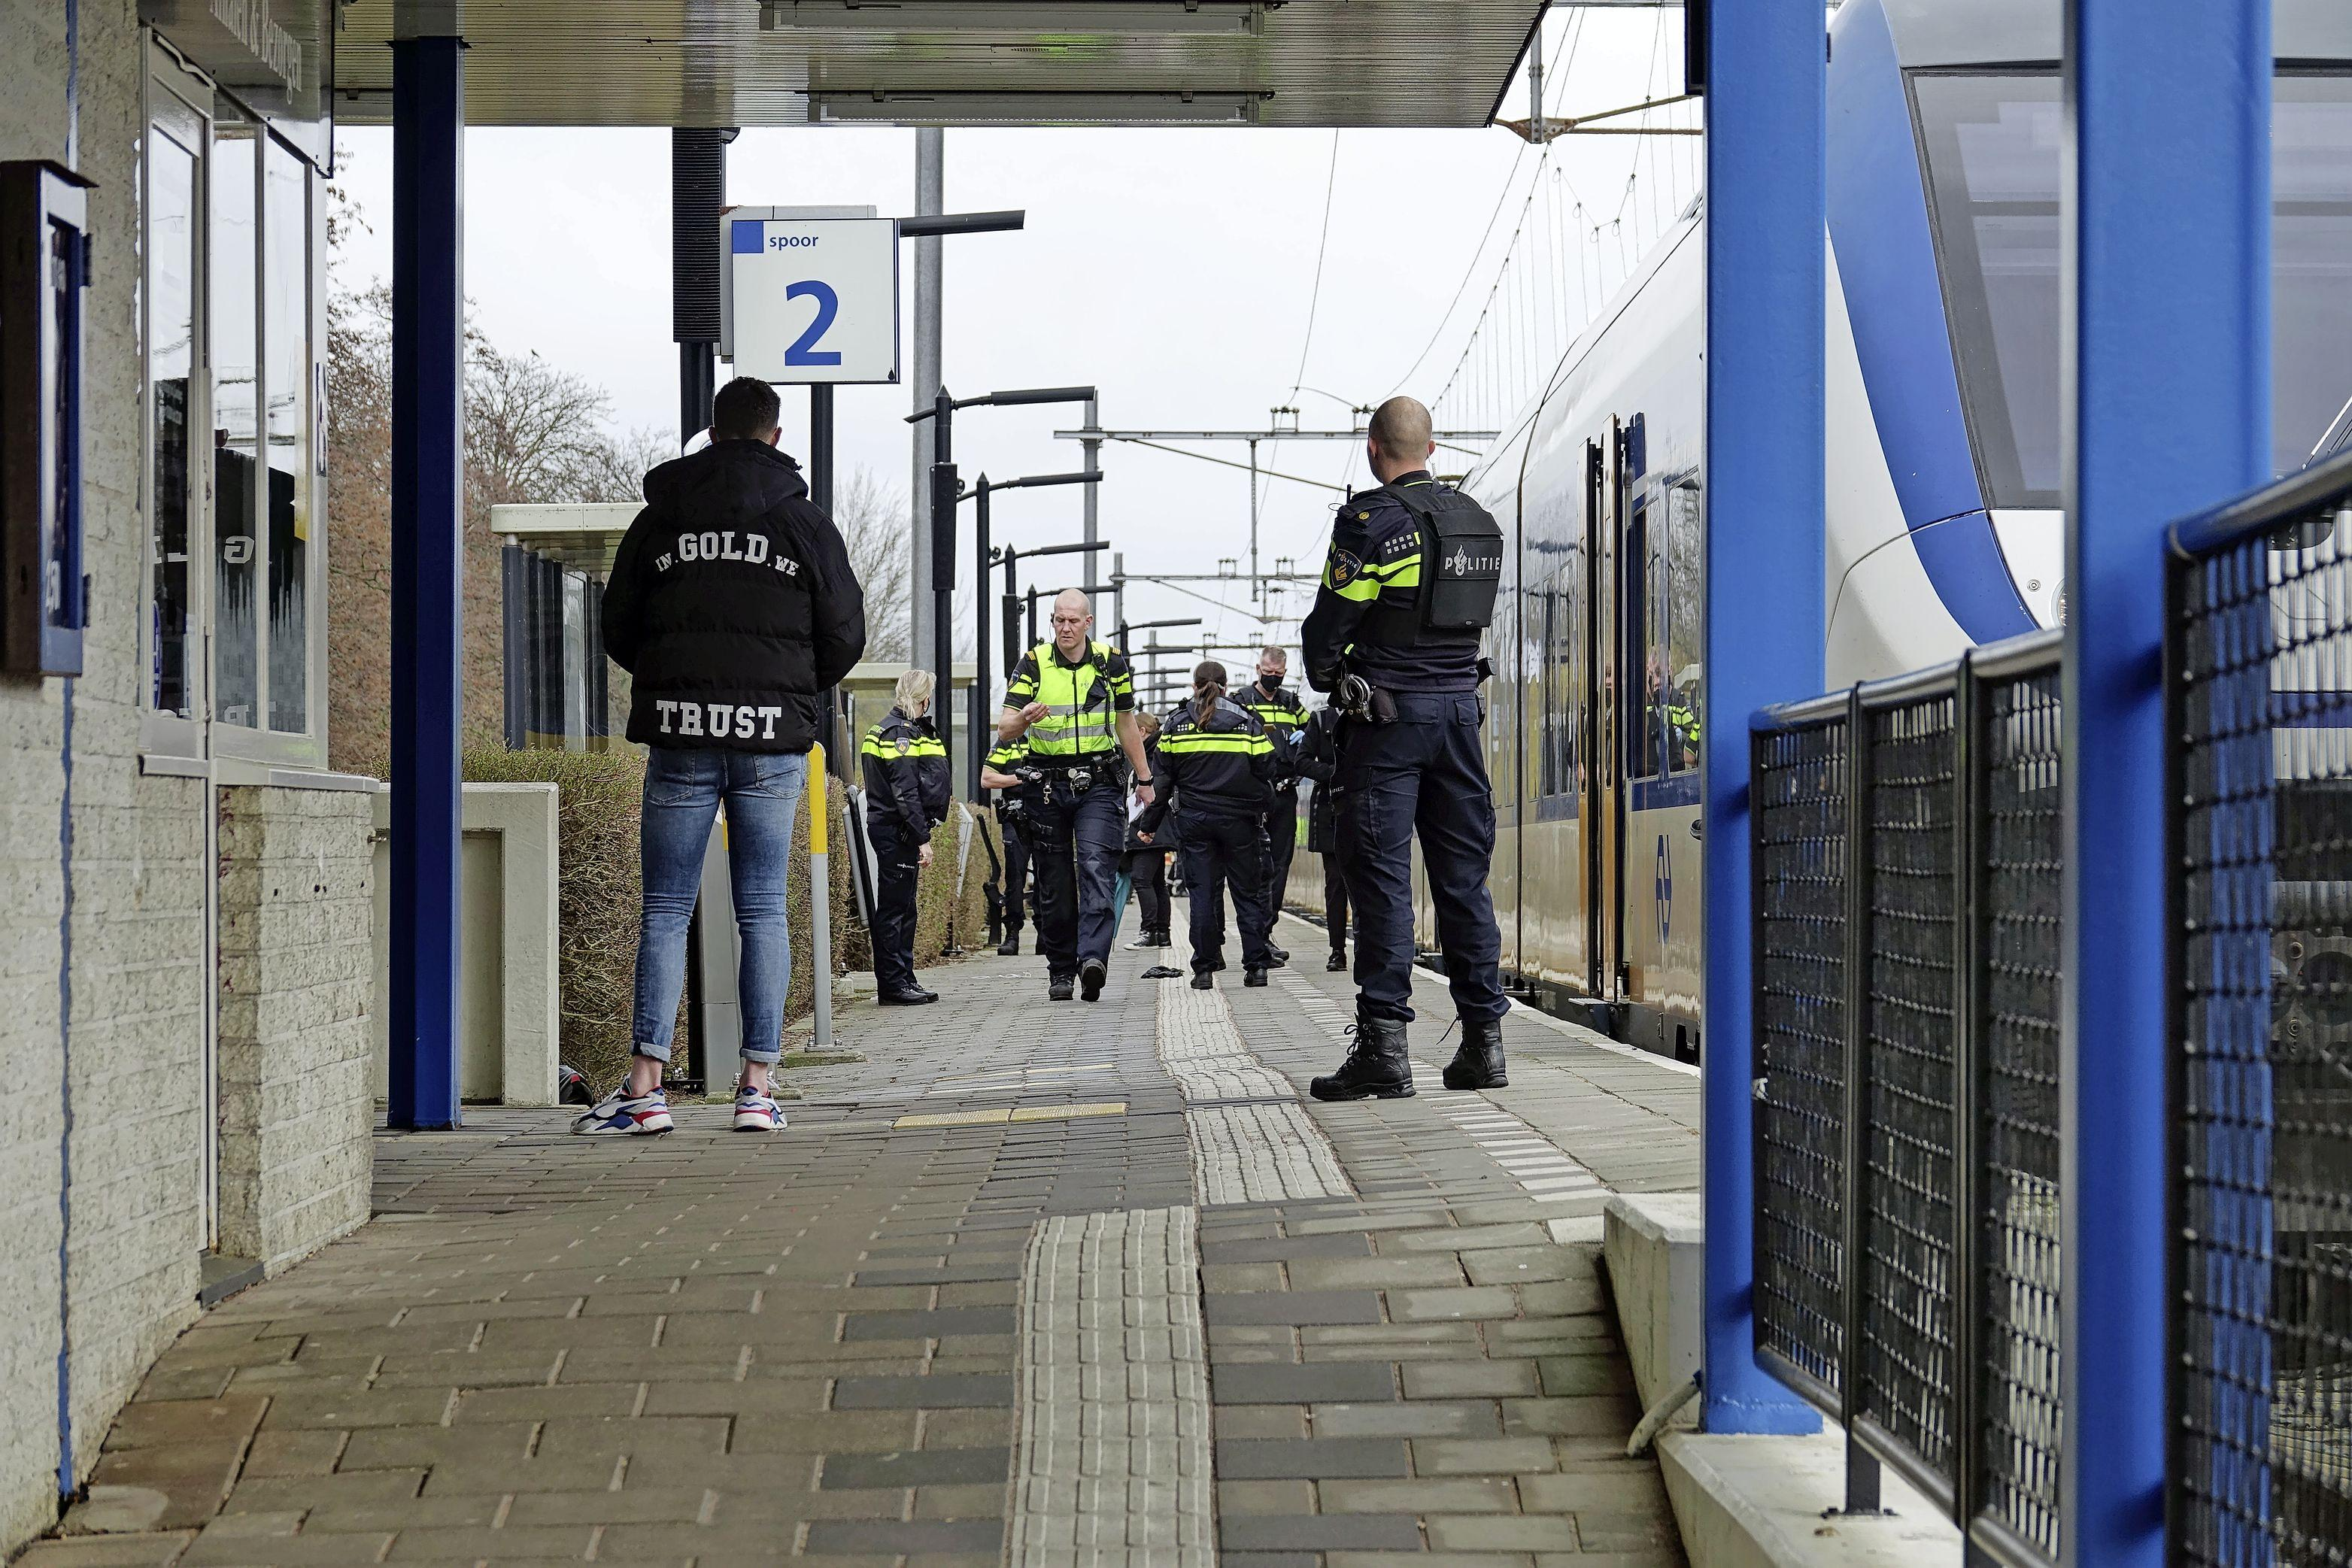 Zeven aanhoudingen in Koog aan de Zaan na conflict met vuurwapen in trein [video]